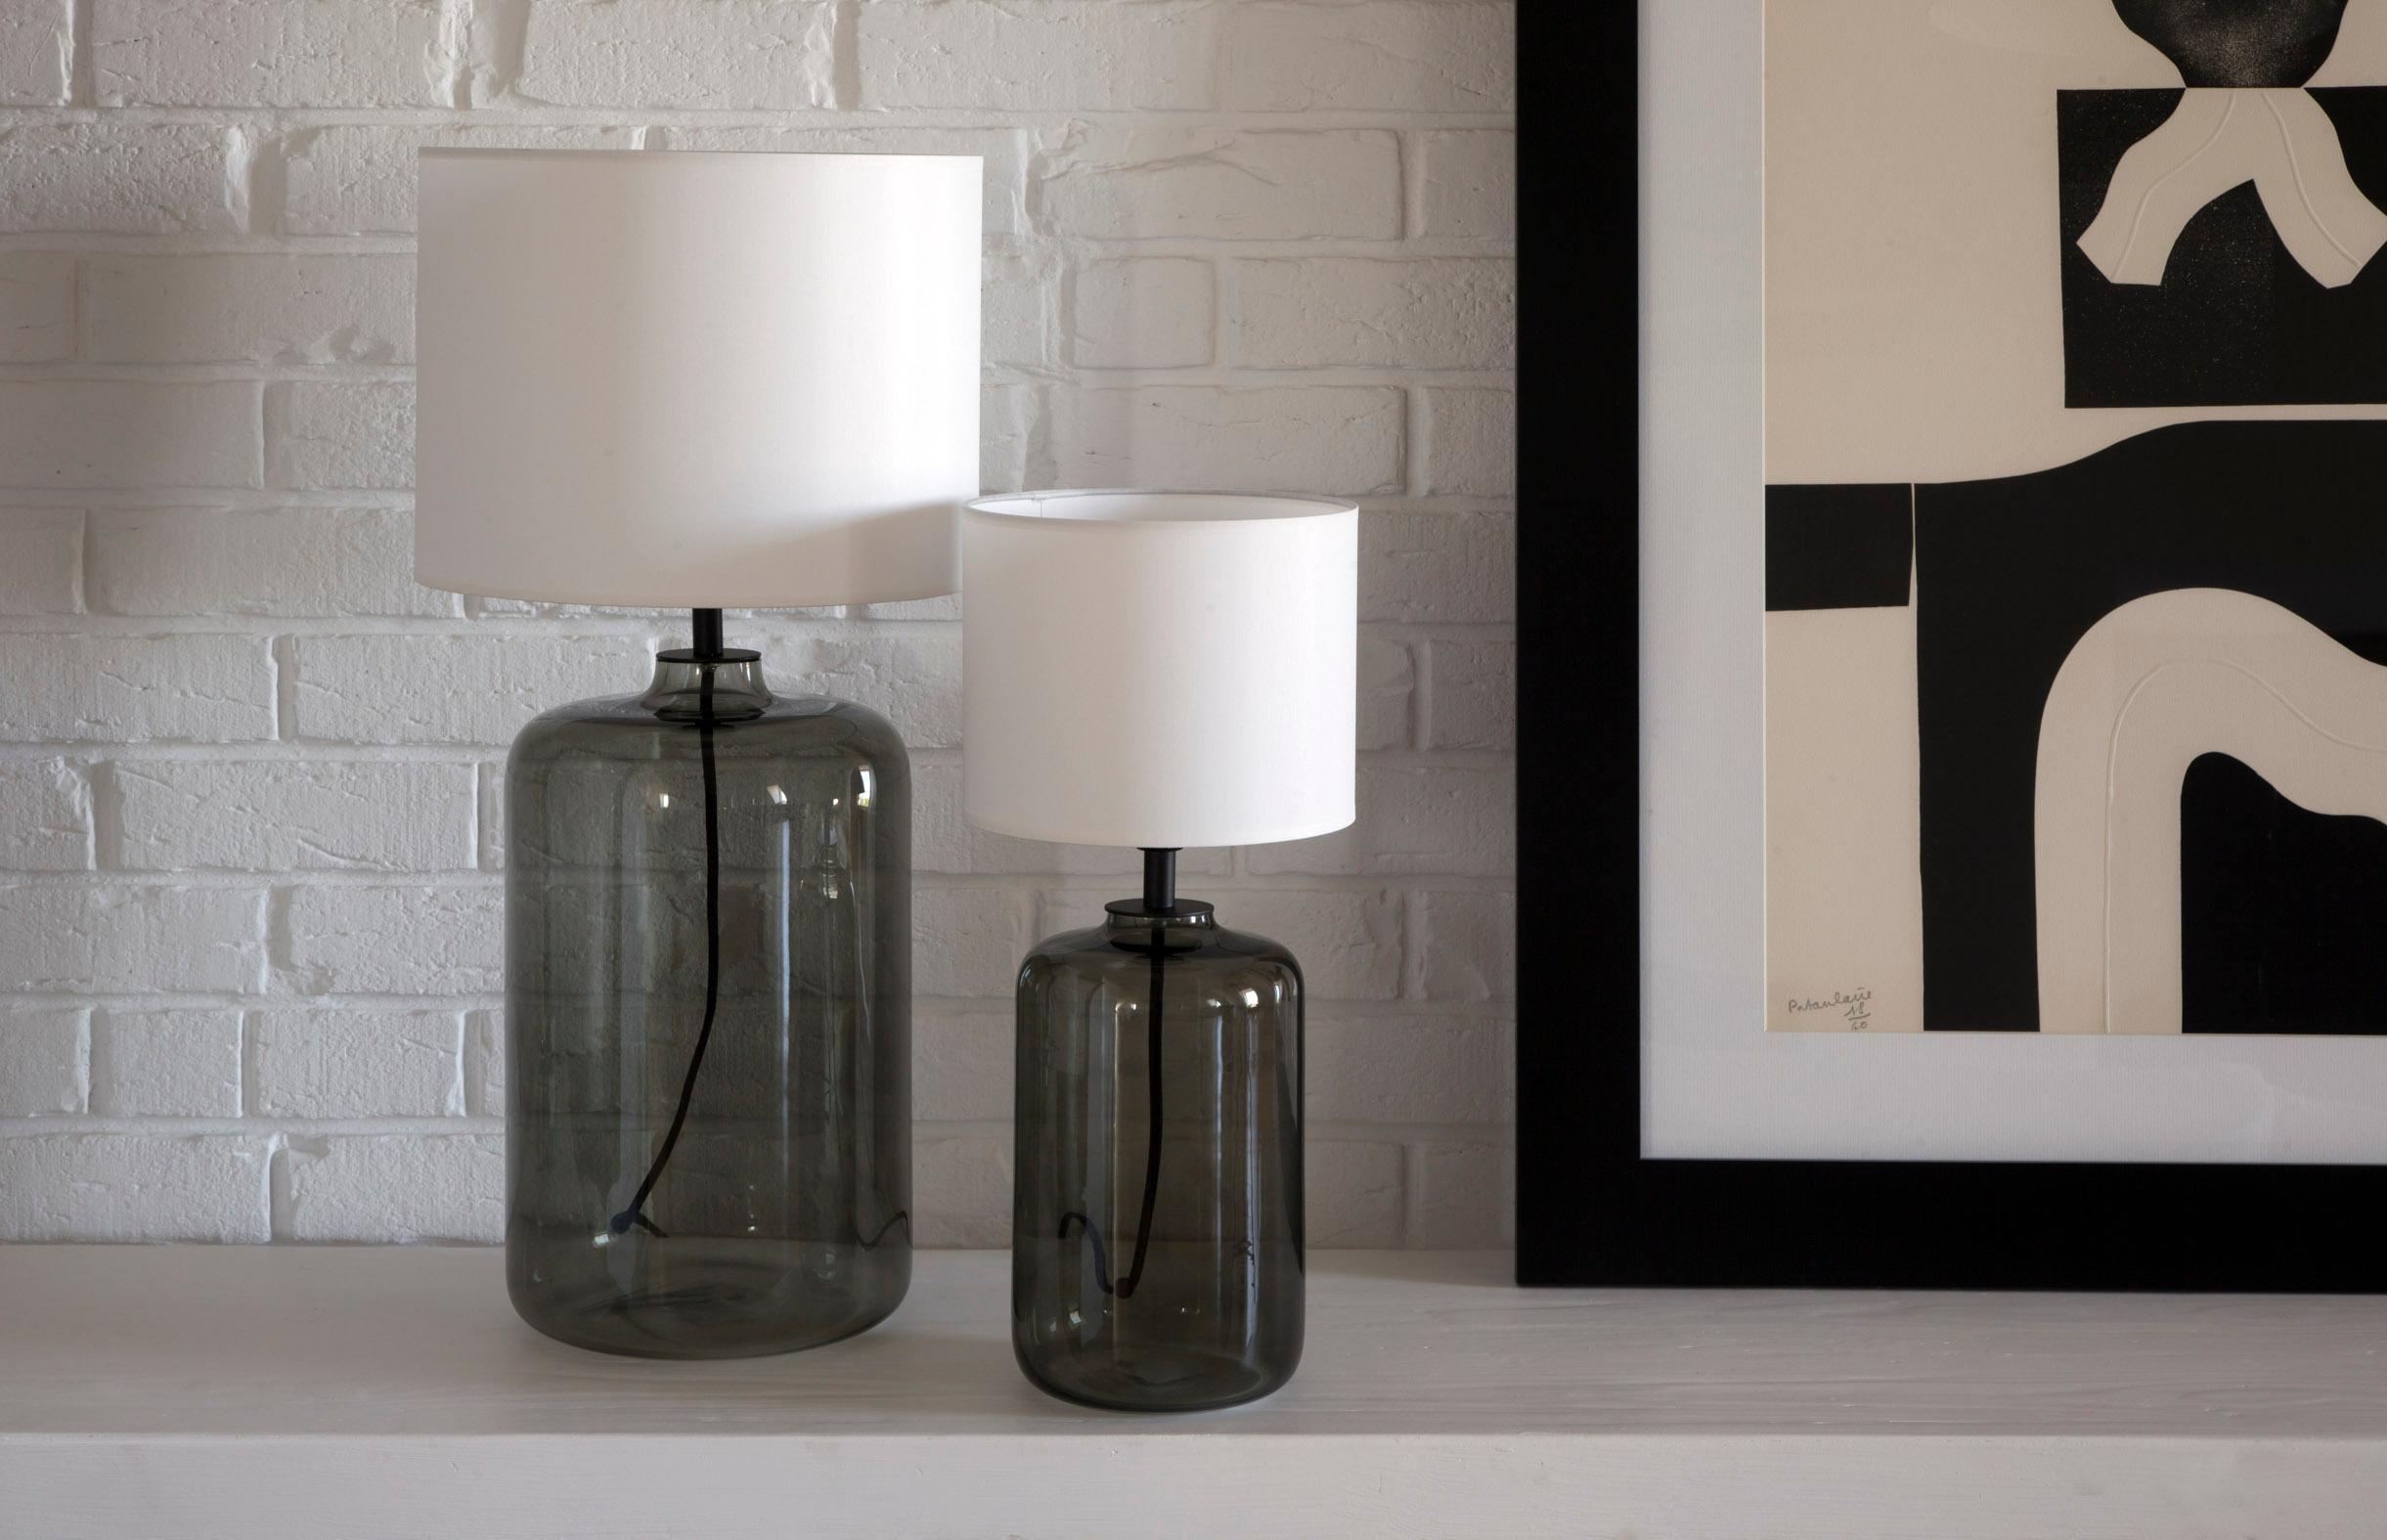 Wohnzimmer Beleuchtung O Bilder Ideen O COUCHstyle